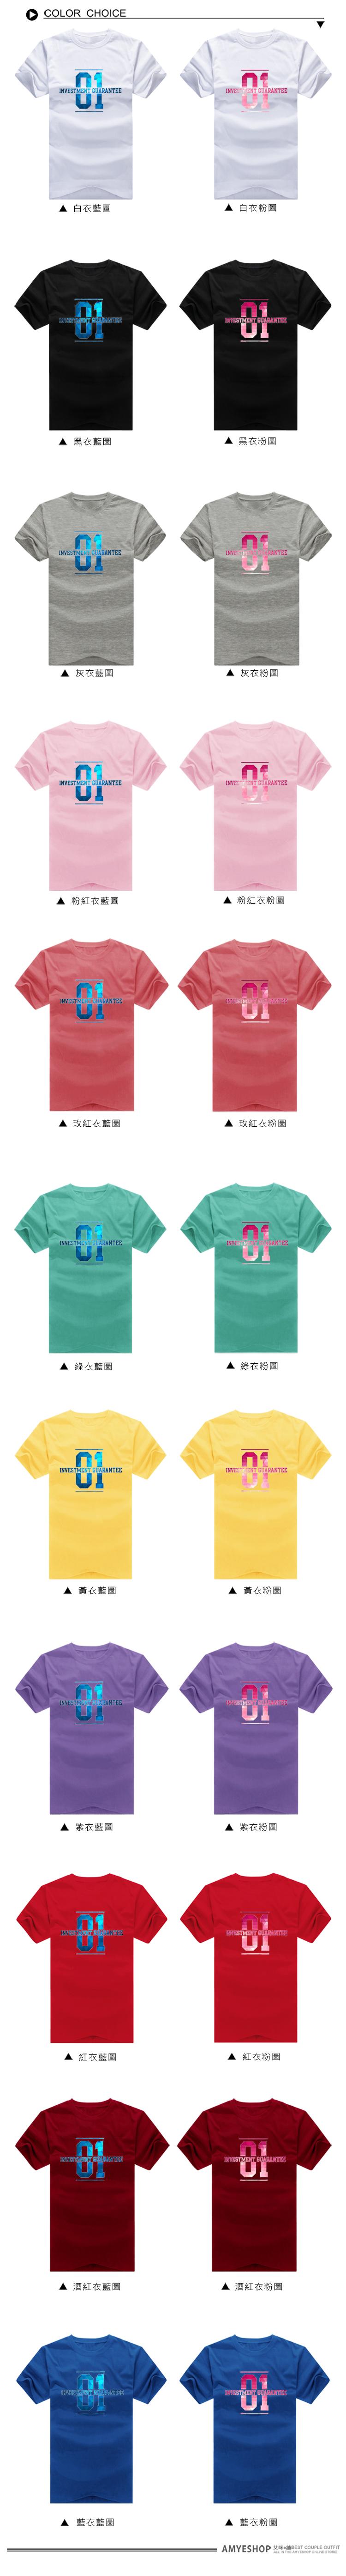 ◆快速出貨◆T恤.情侶裝.班服.MIT台灣製.獨家配對情侶裝.客製化.純棉短T.01第一投資保證書【YC352】可單買.艾咪E舖